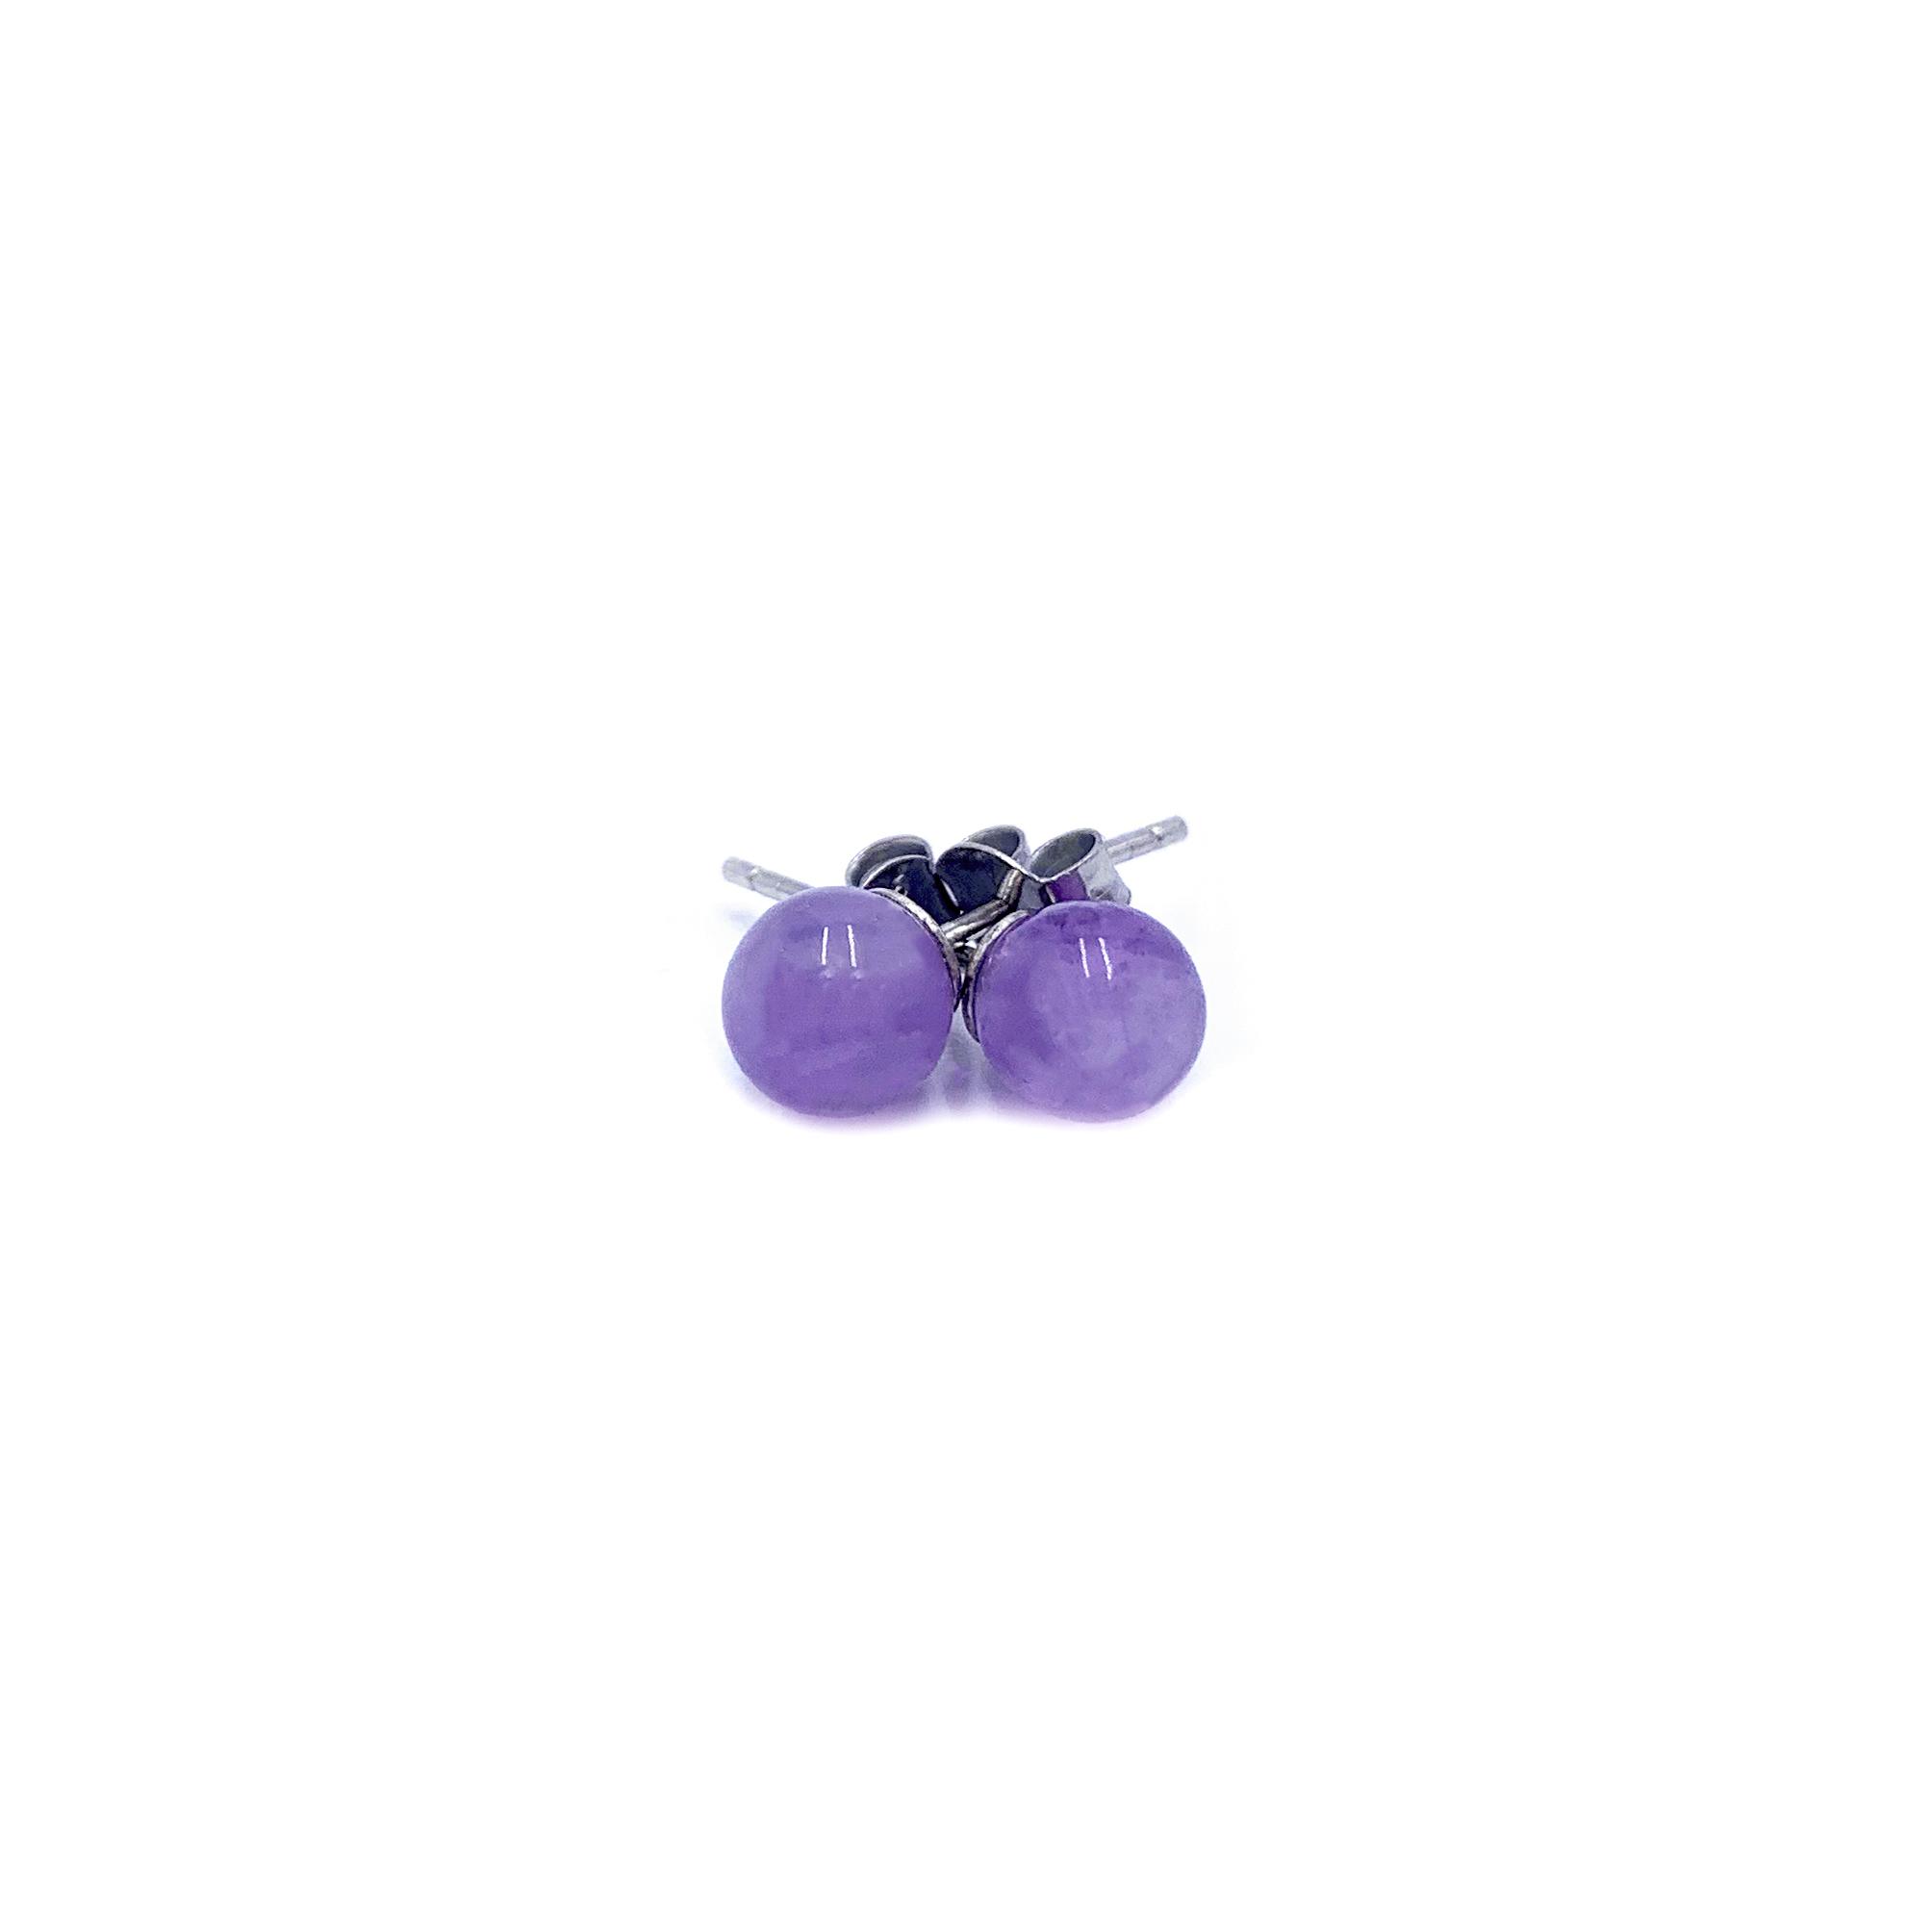 Boucles d'Oreilles - Perles d'Améthyste & Argent 925 Image